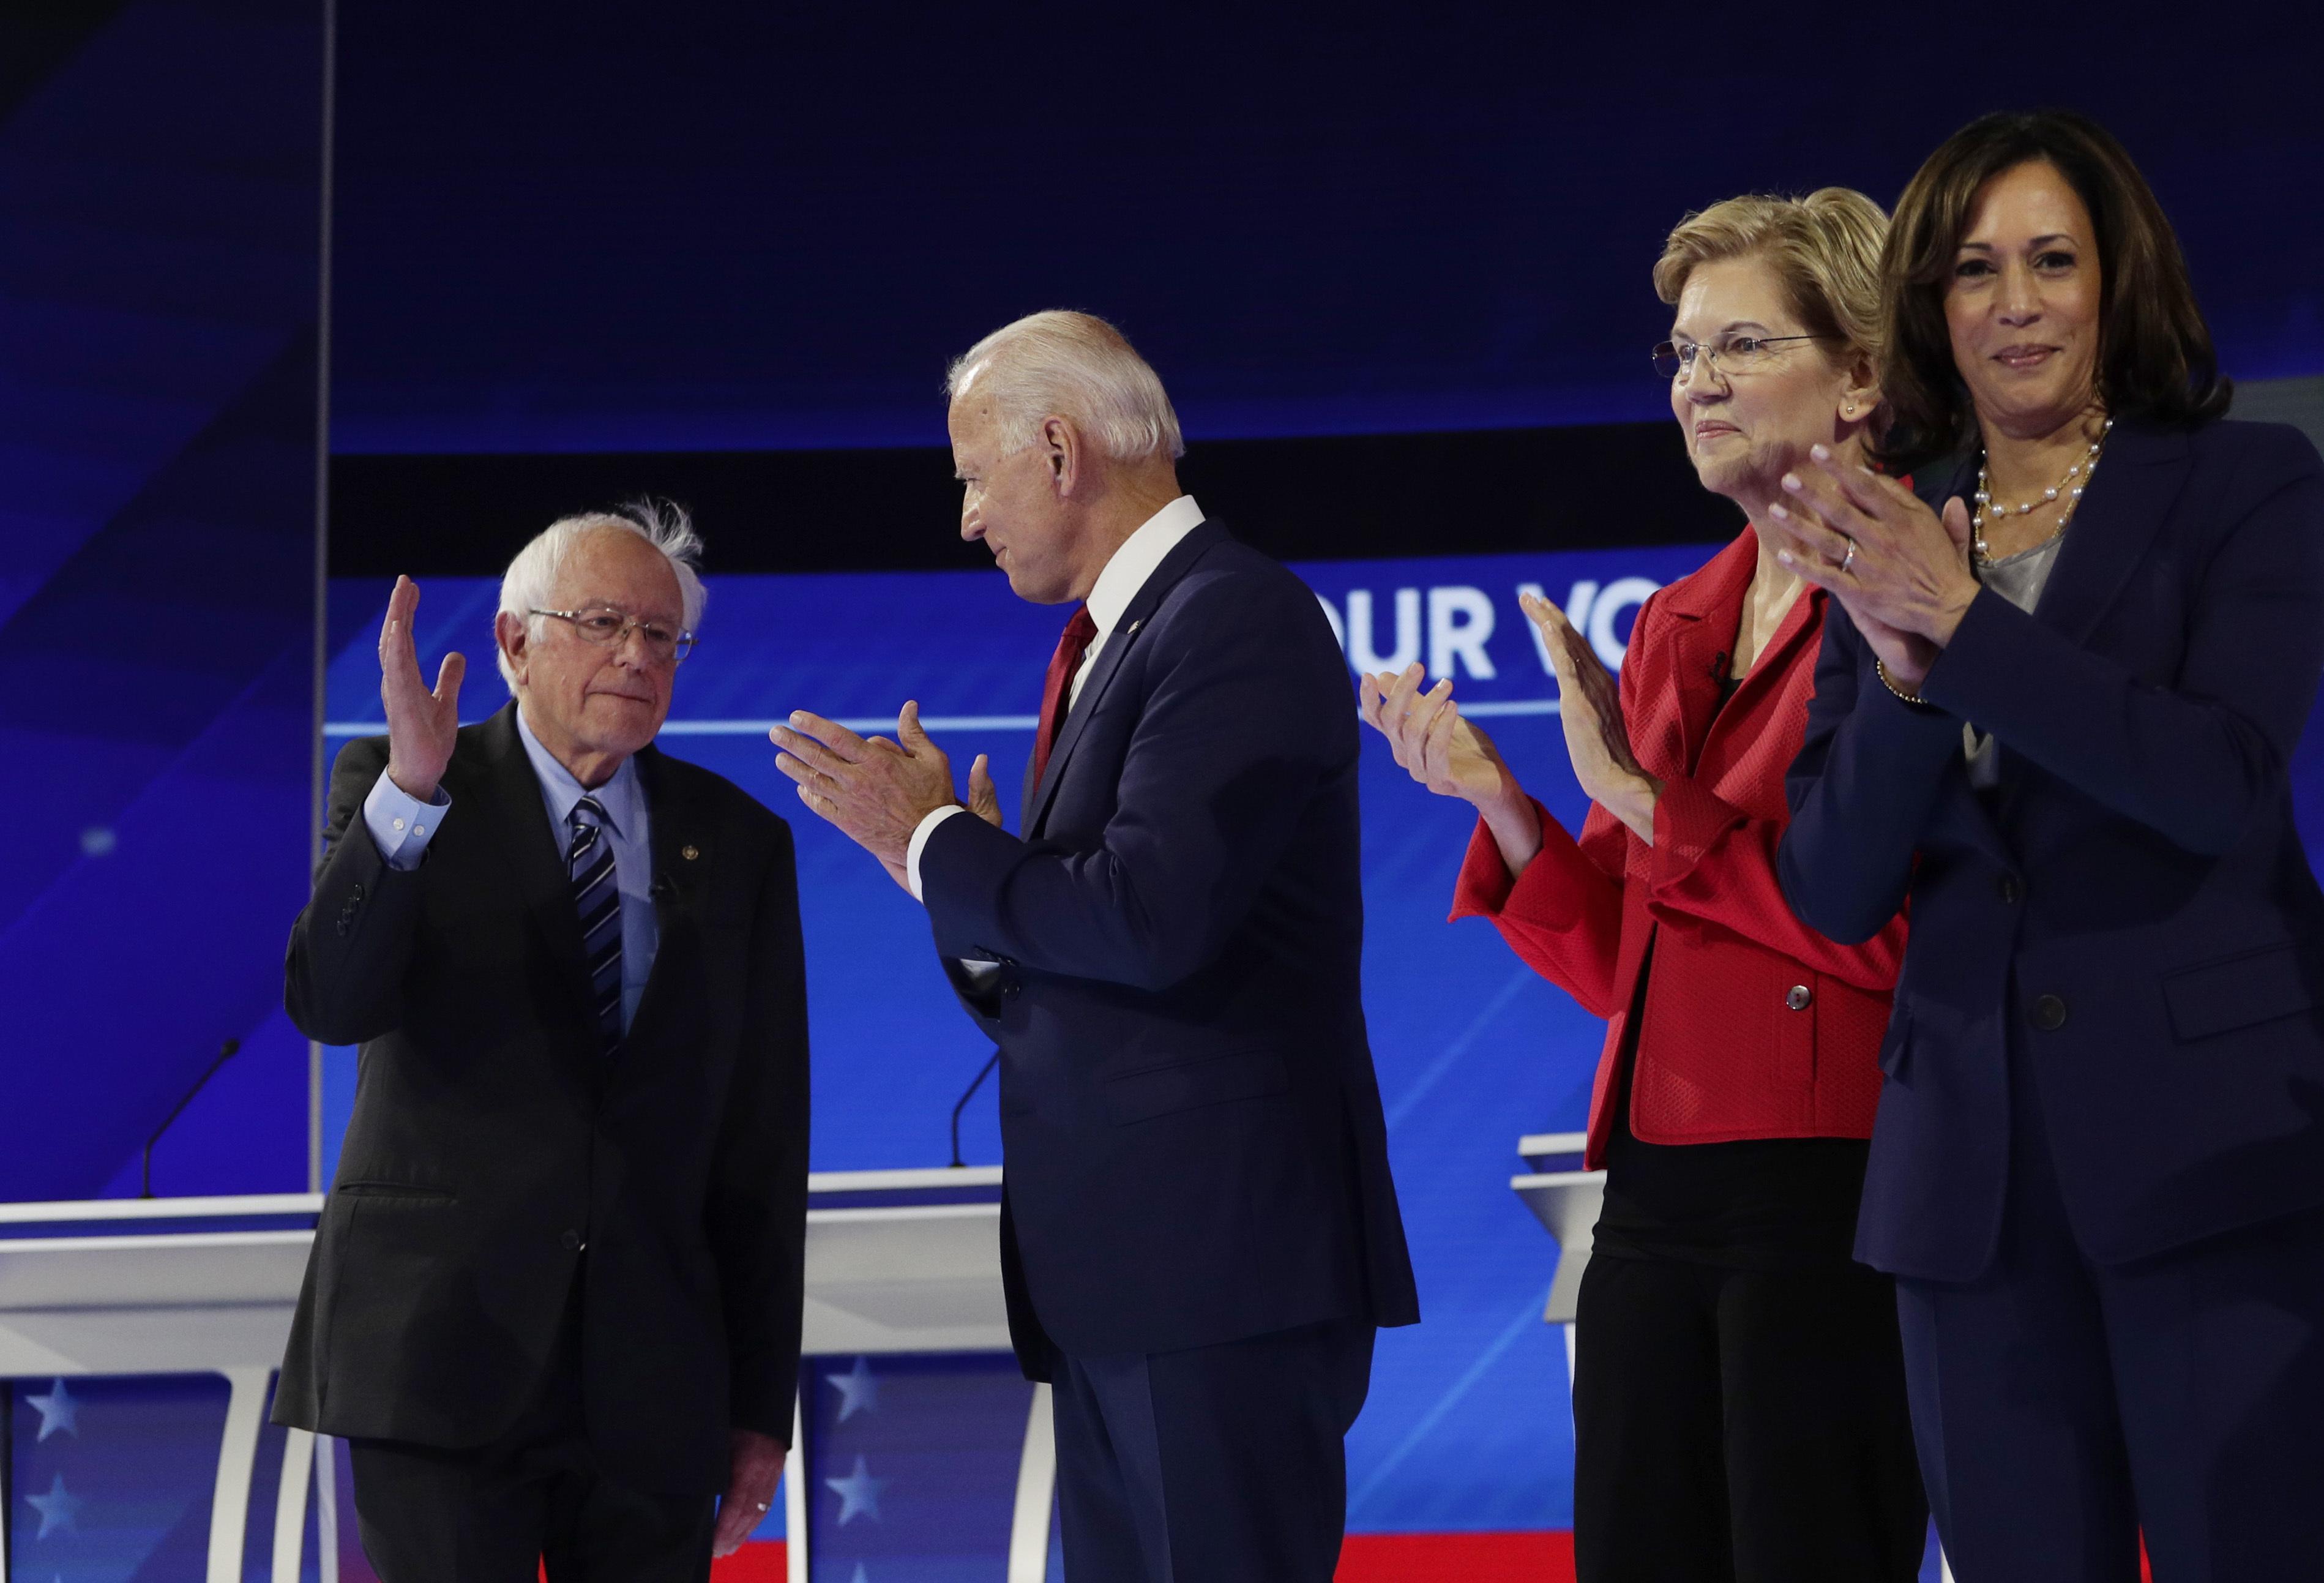 Biden, Sanders, Warren in tight race in California; Harris trails badl